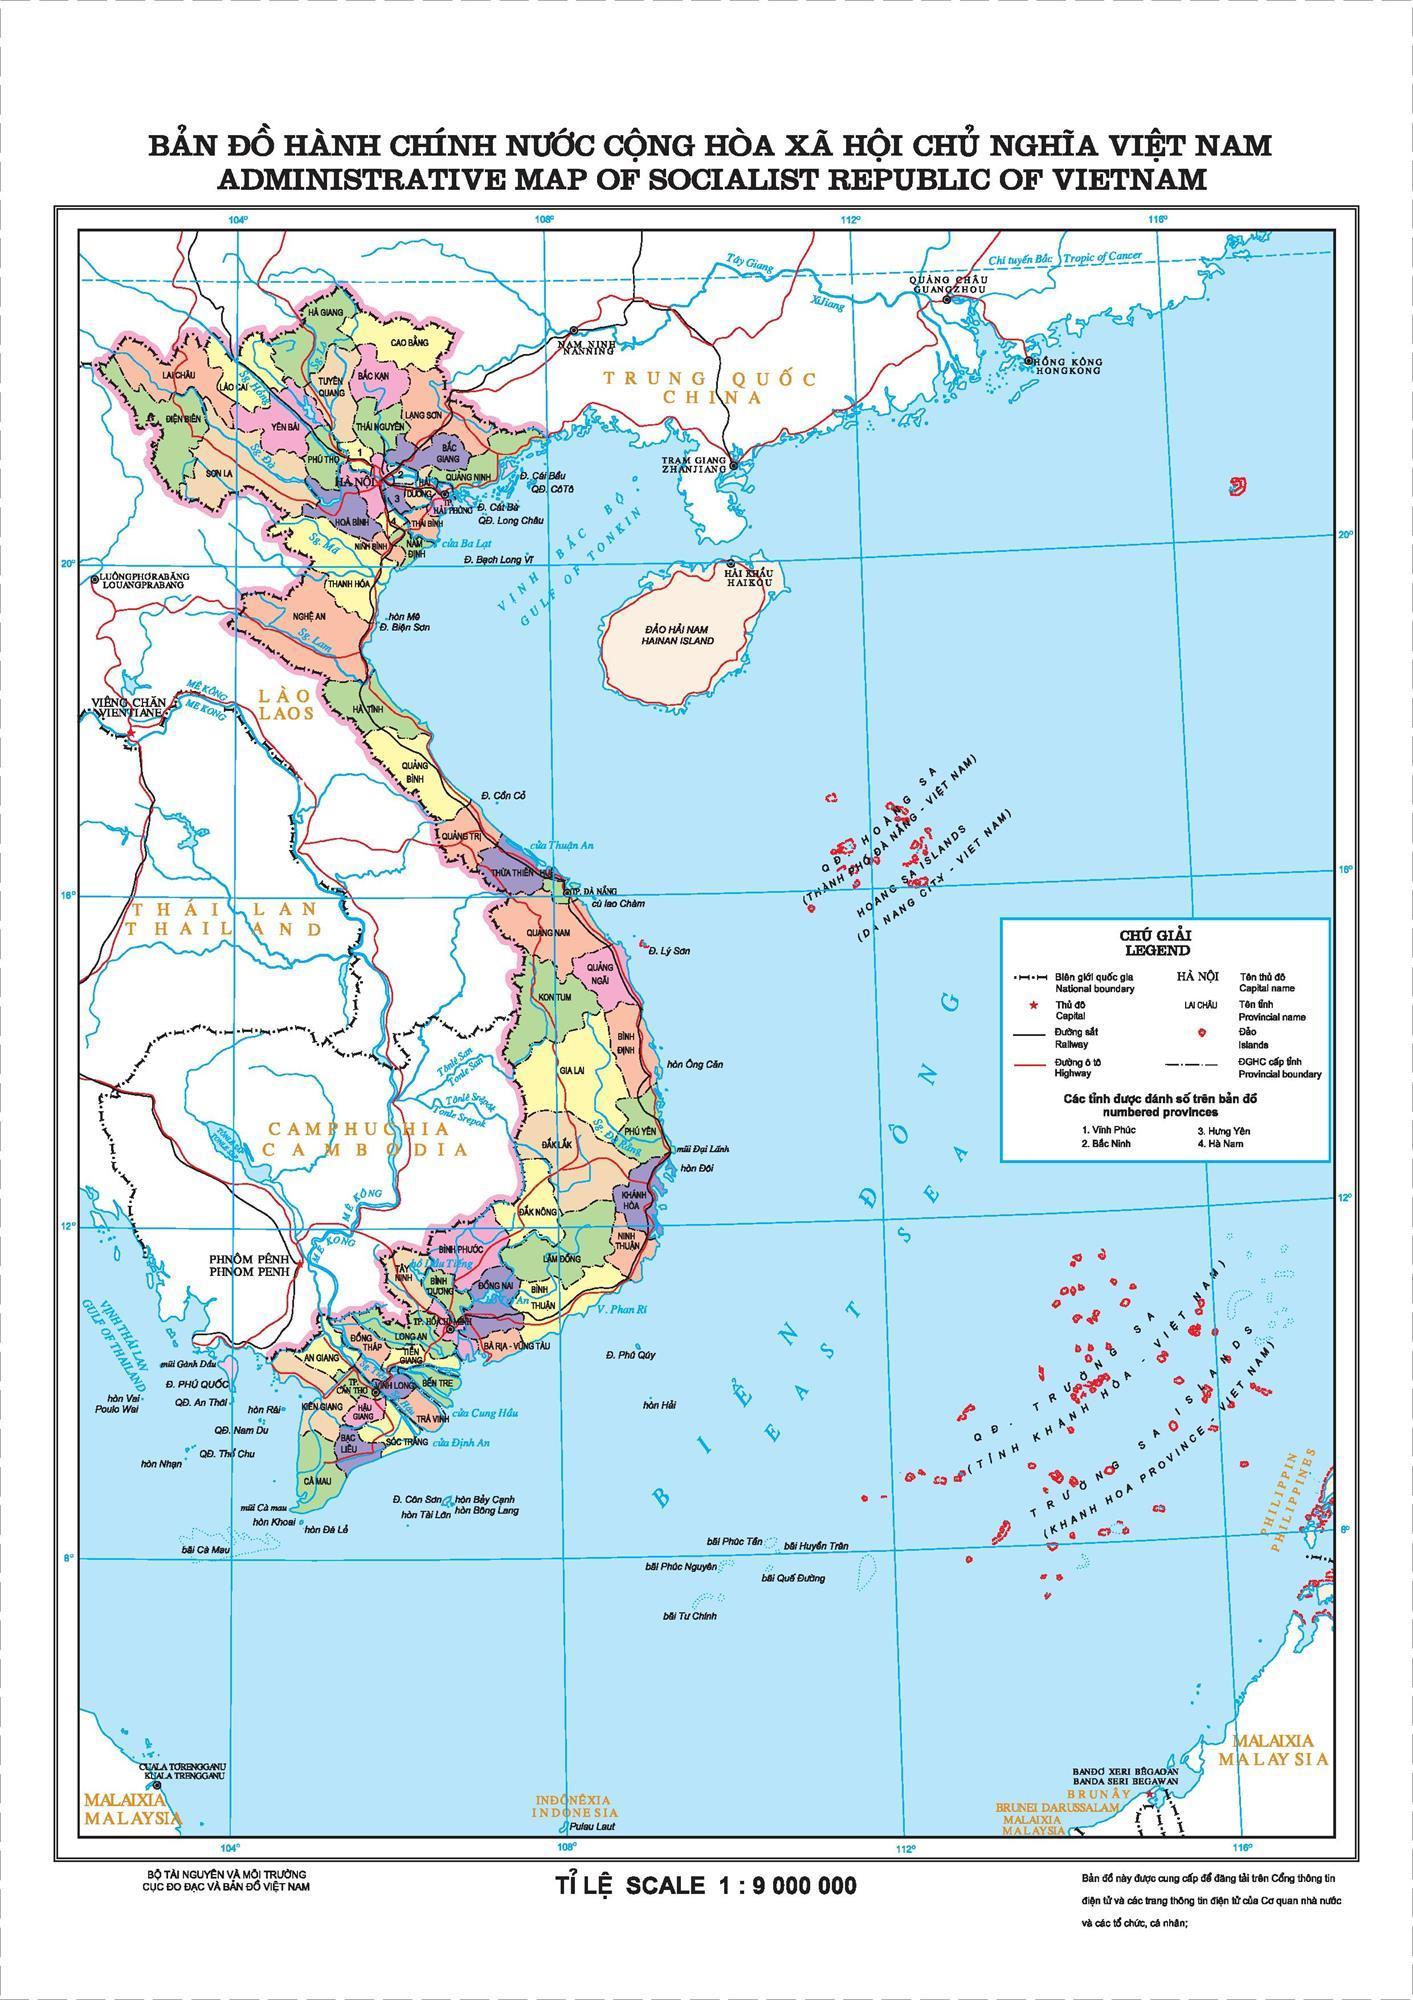 Bản đồ hành chính nước Cộng hòa xã hội chủ nghĩa Việt Nam